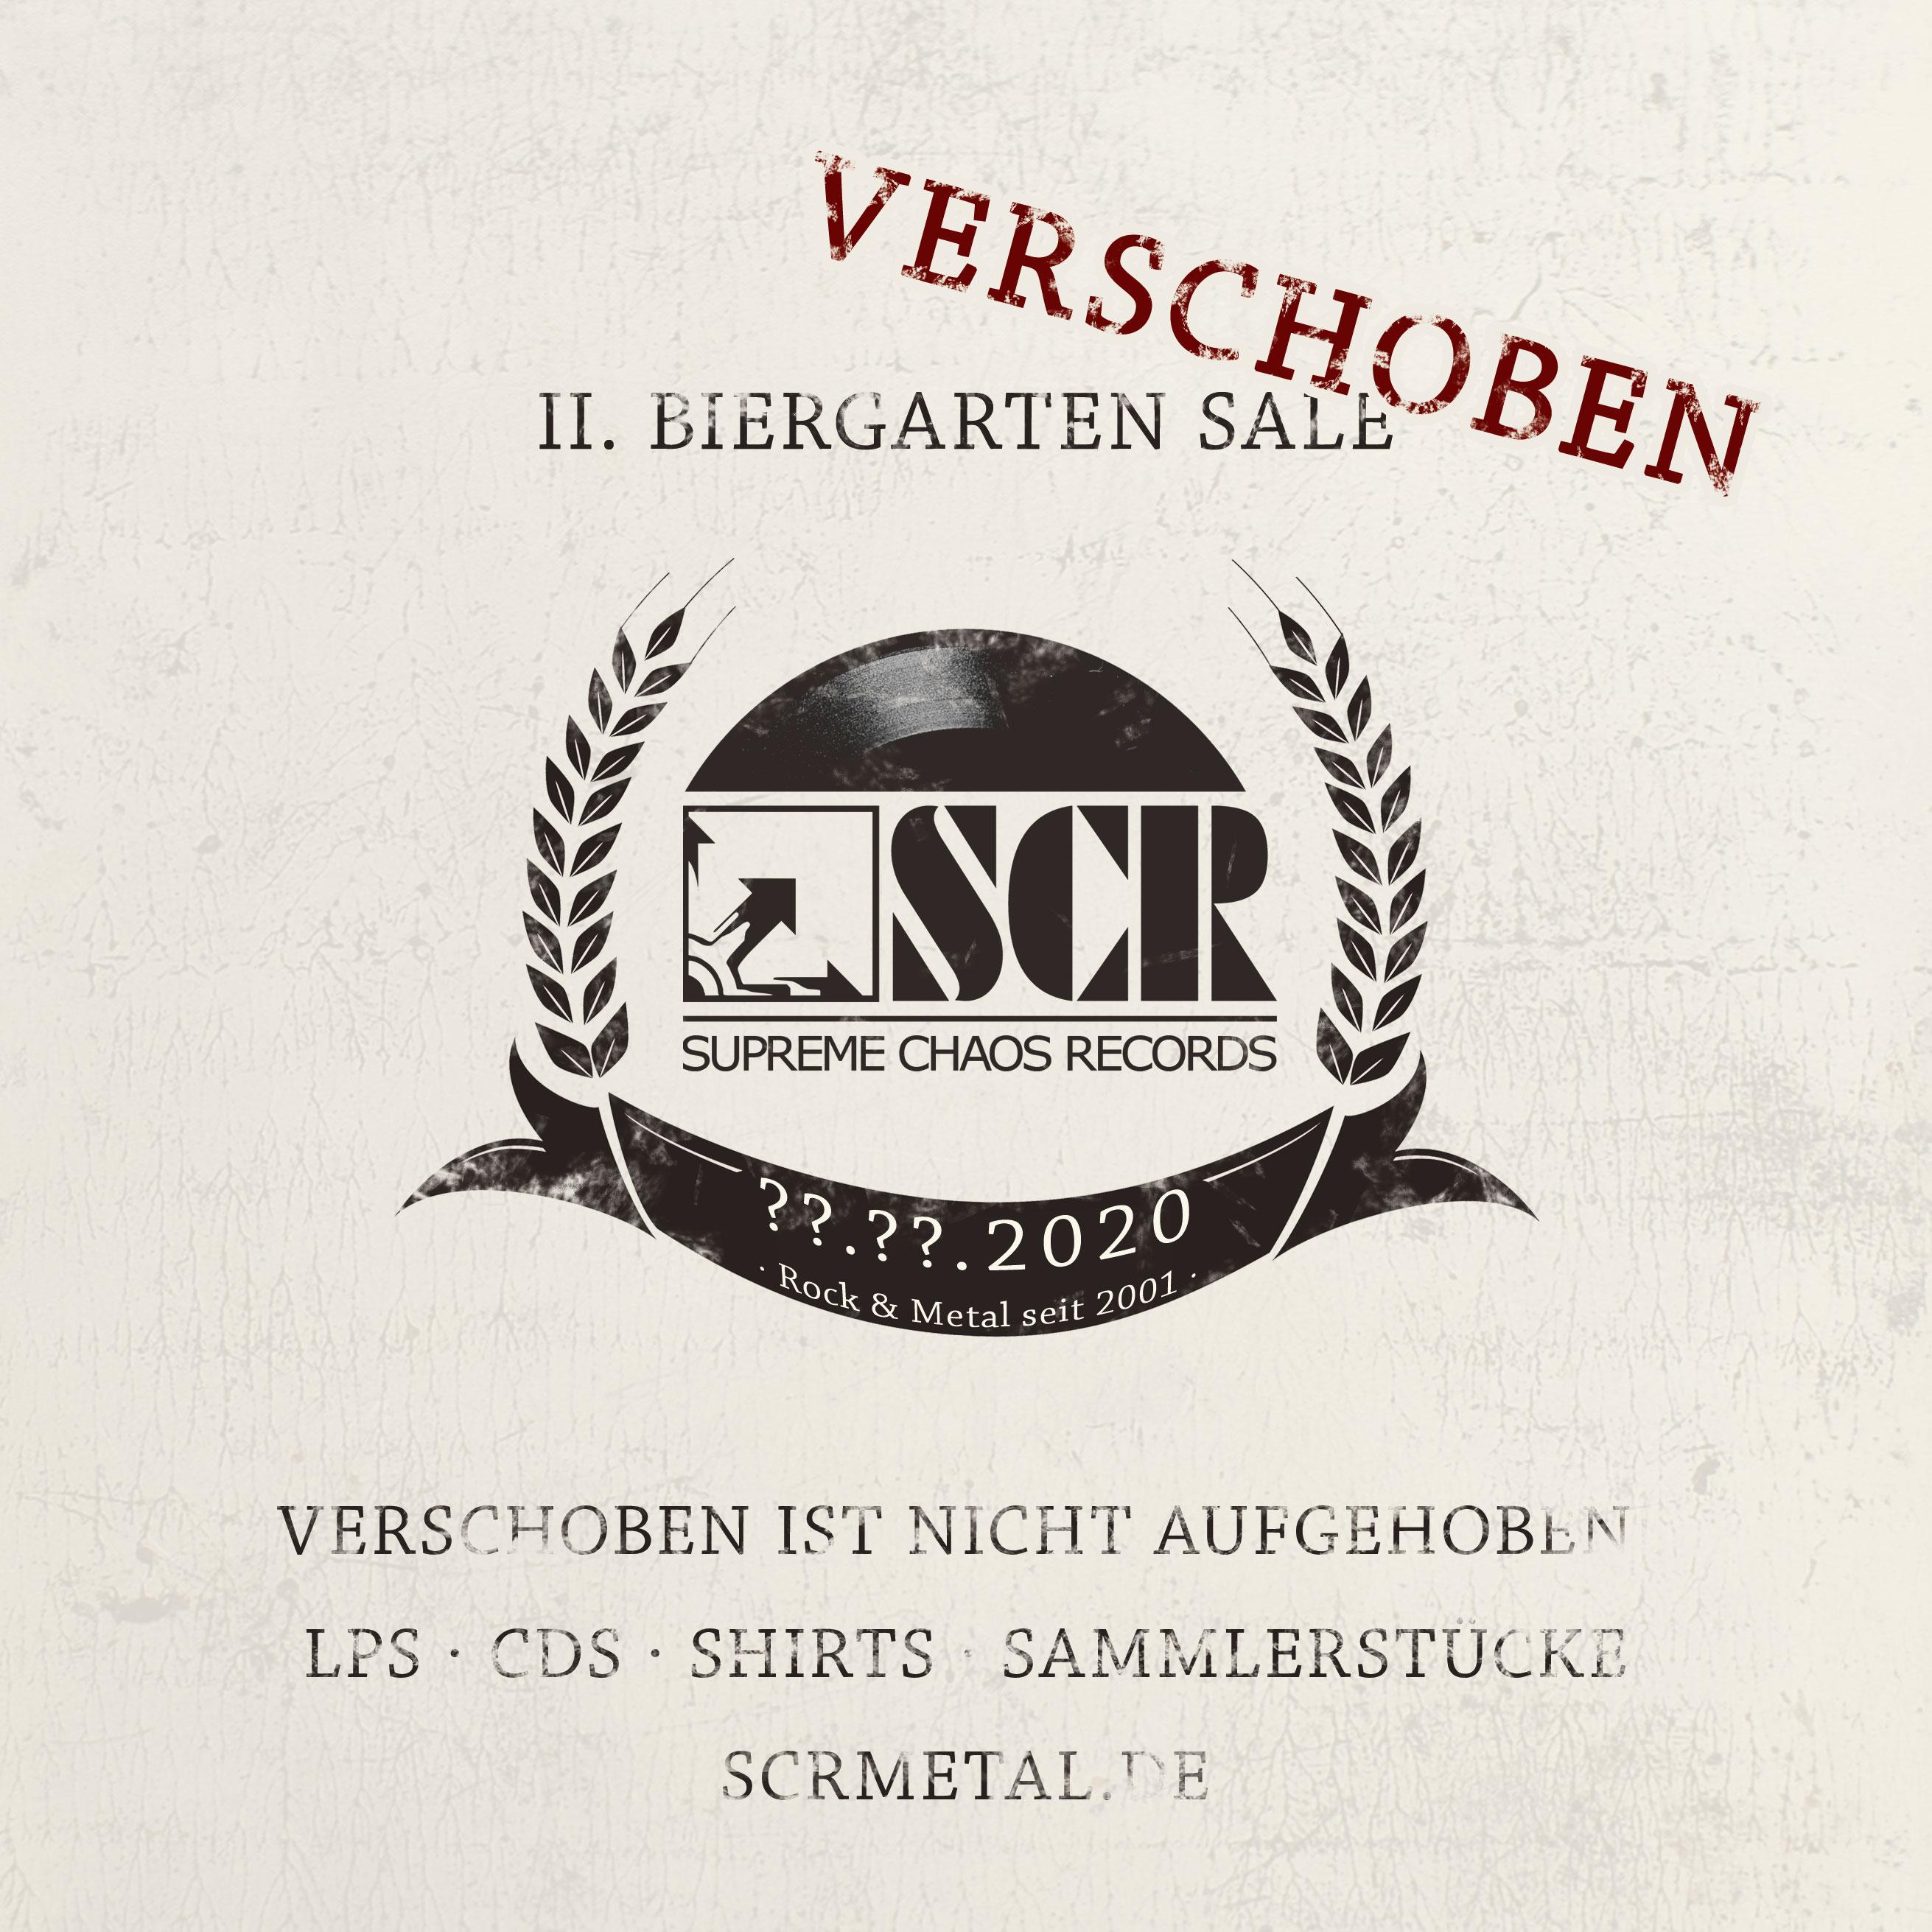 SCR Biergarten Sale 2